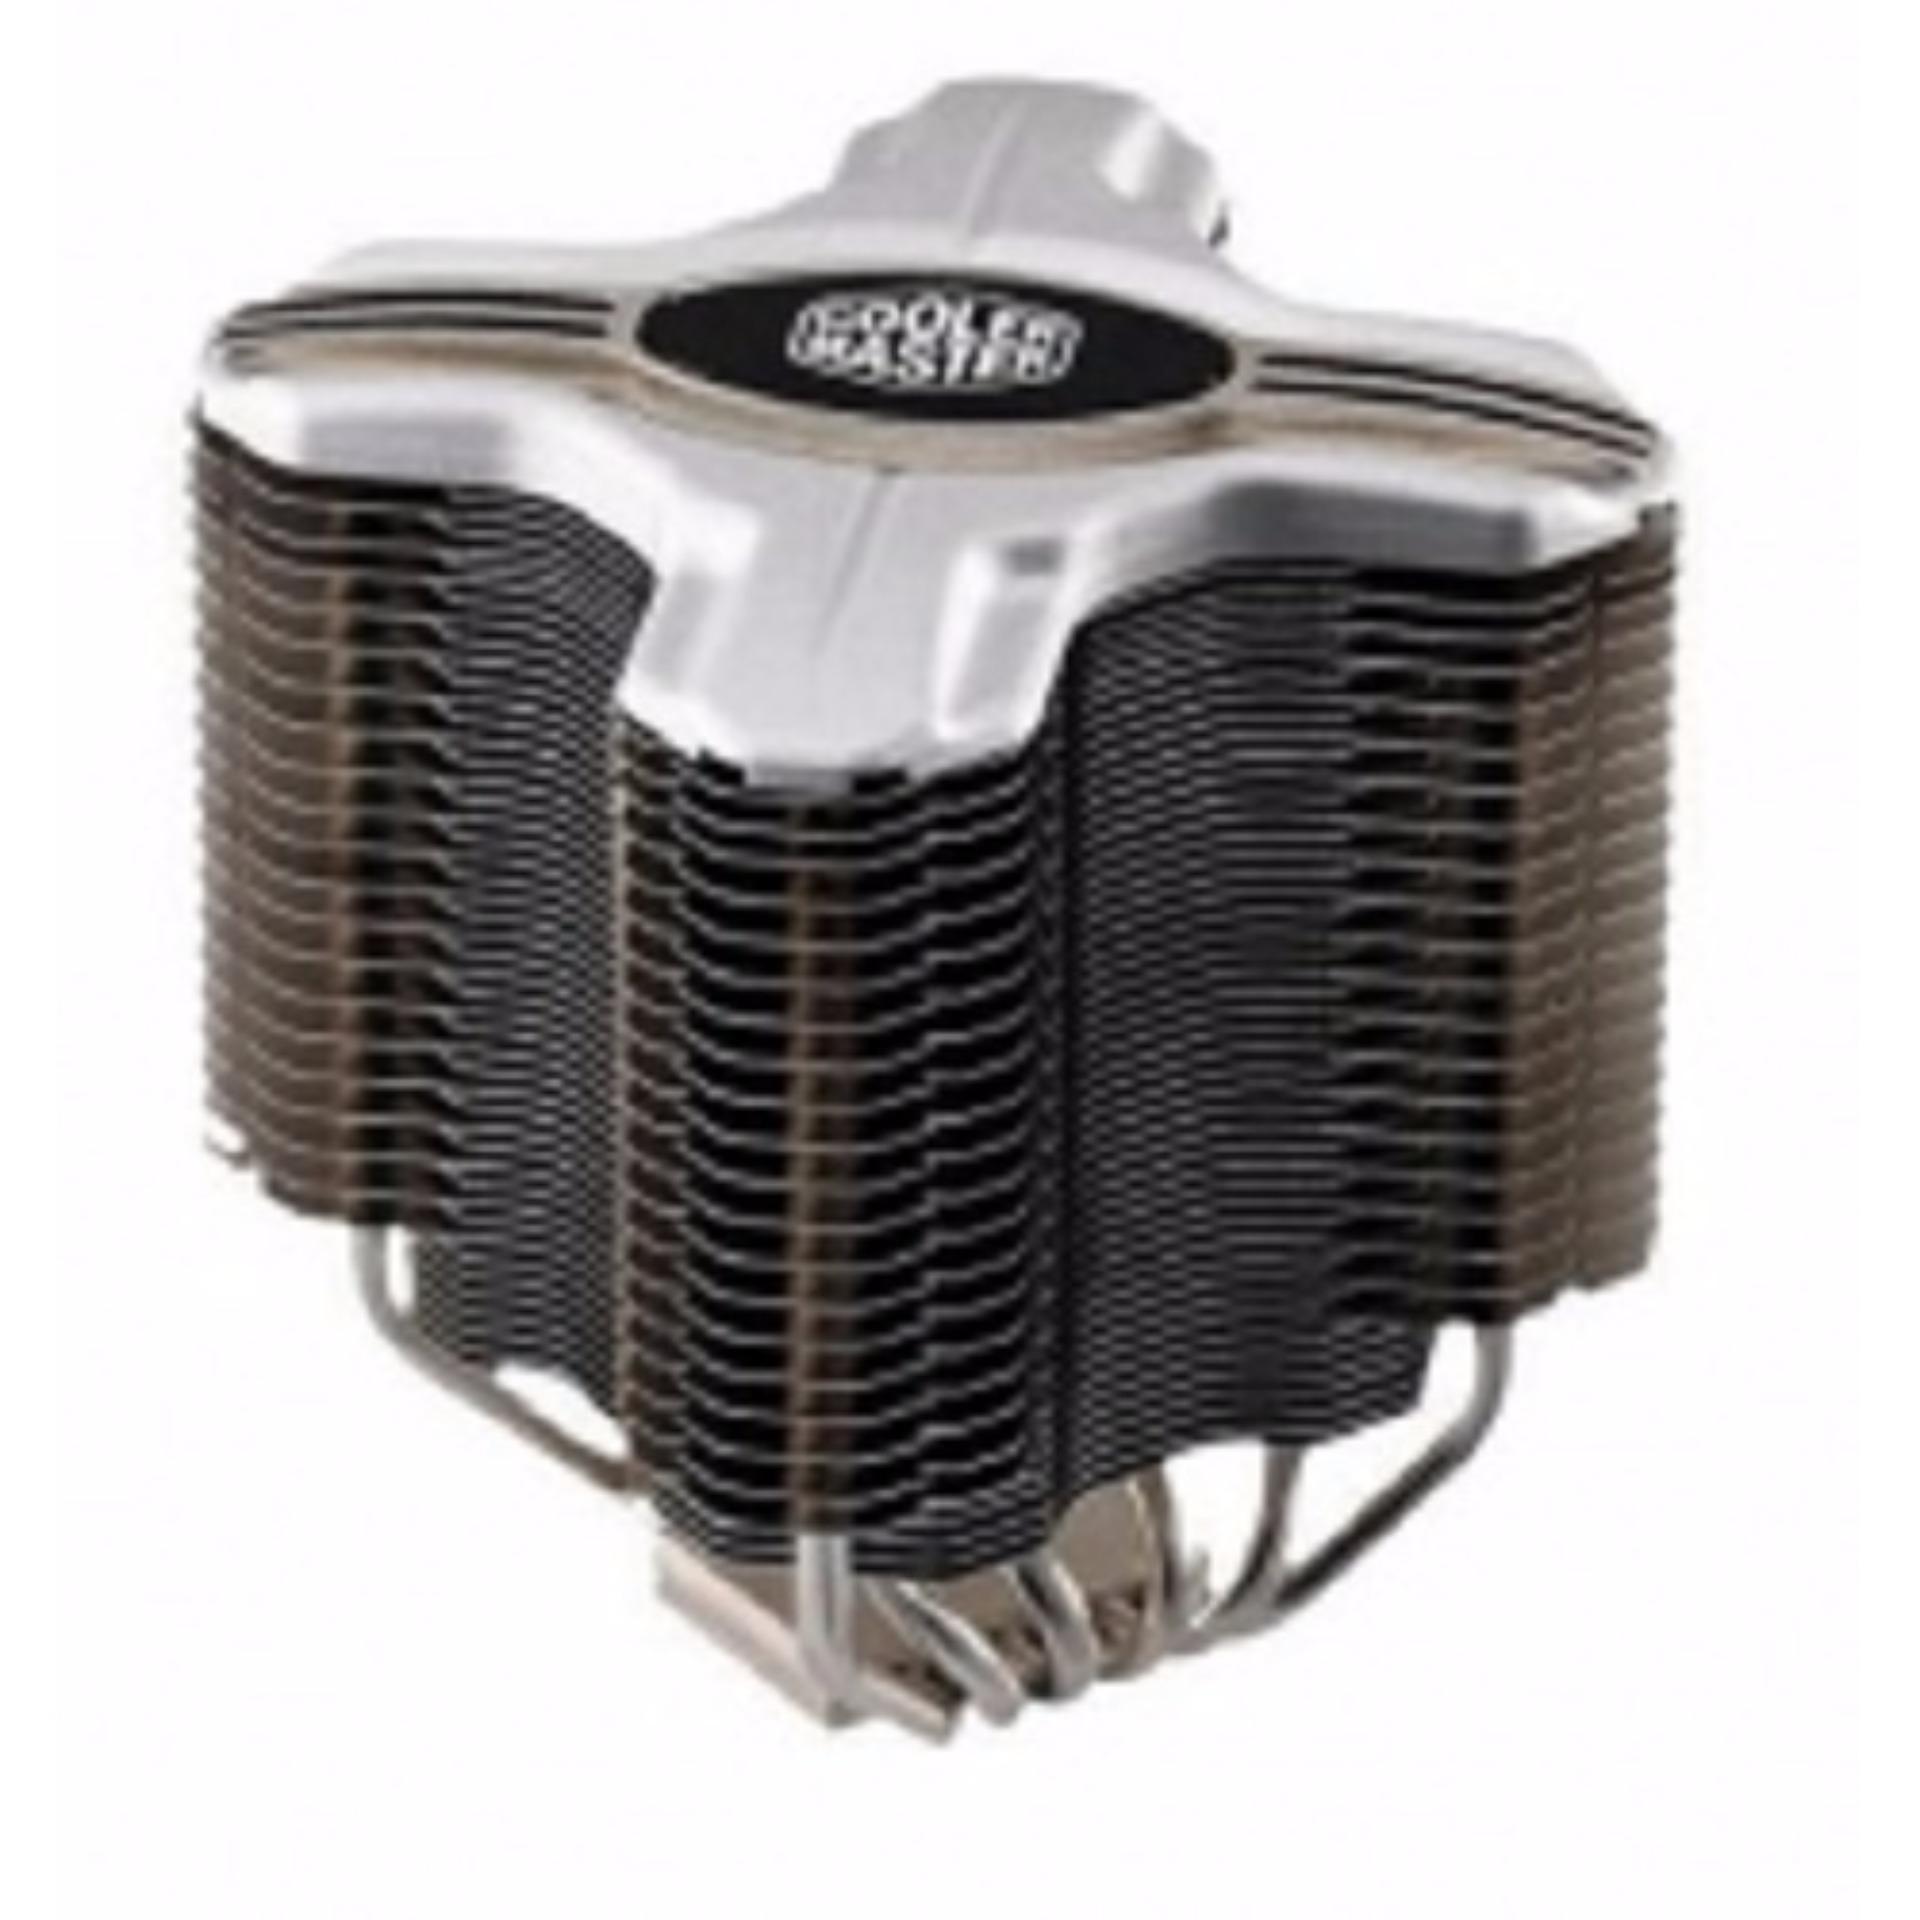 CoolerMaster Hyper Z600 (RR-600-NNU1-GP)